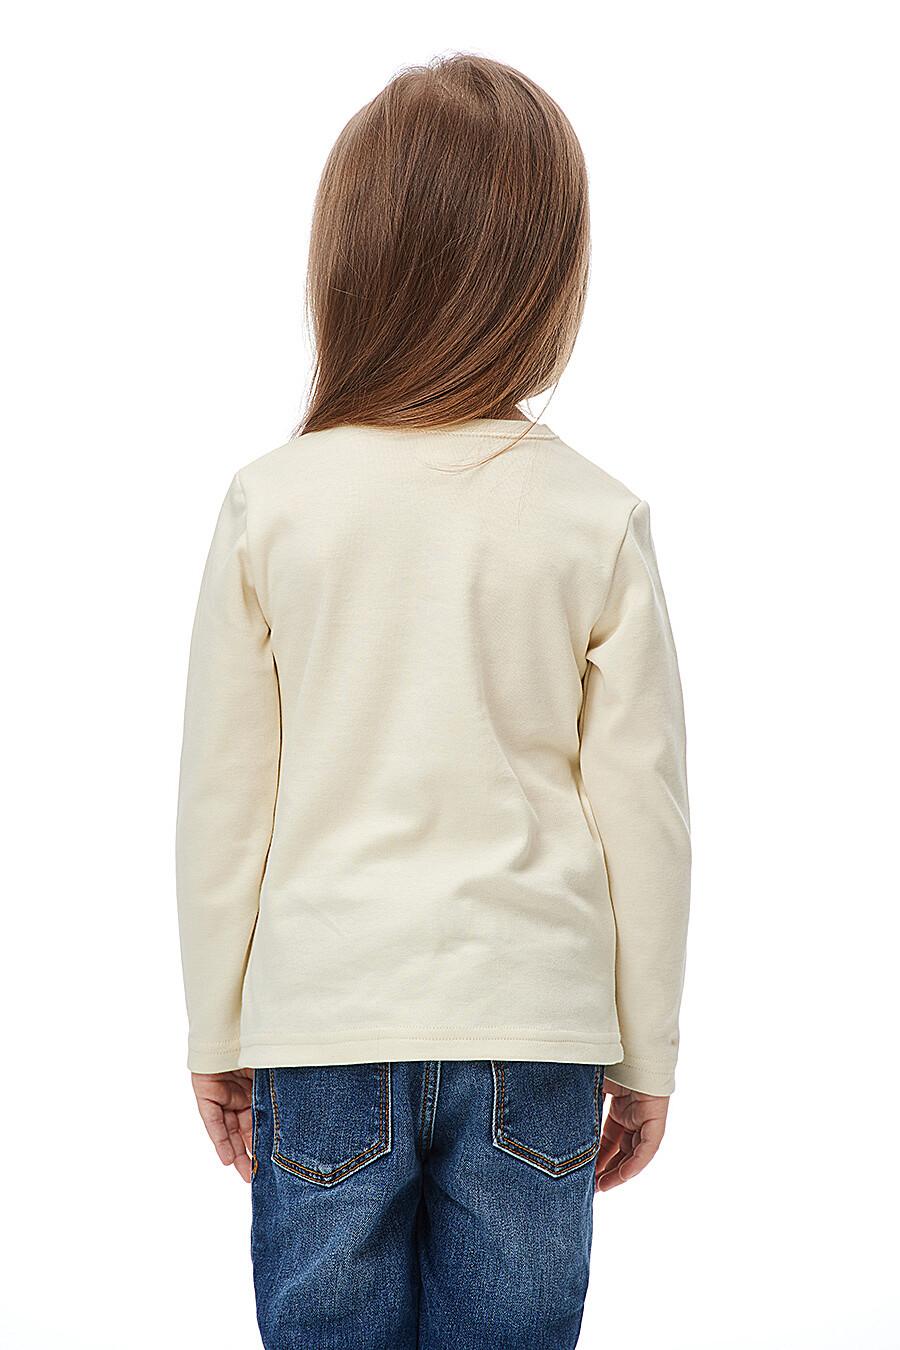 Джемпер LUCKY CHILD (184642), купить в Moyo.moda